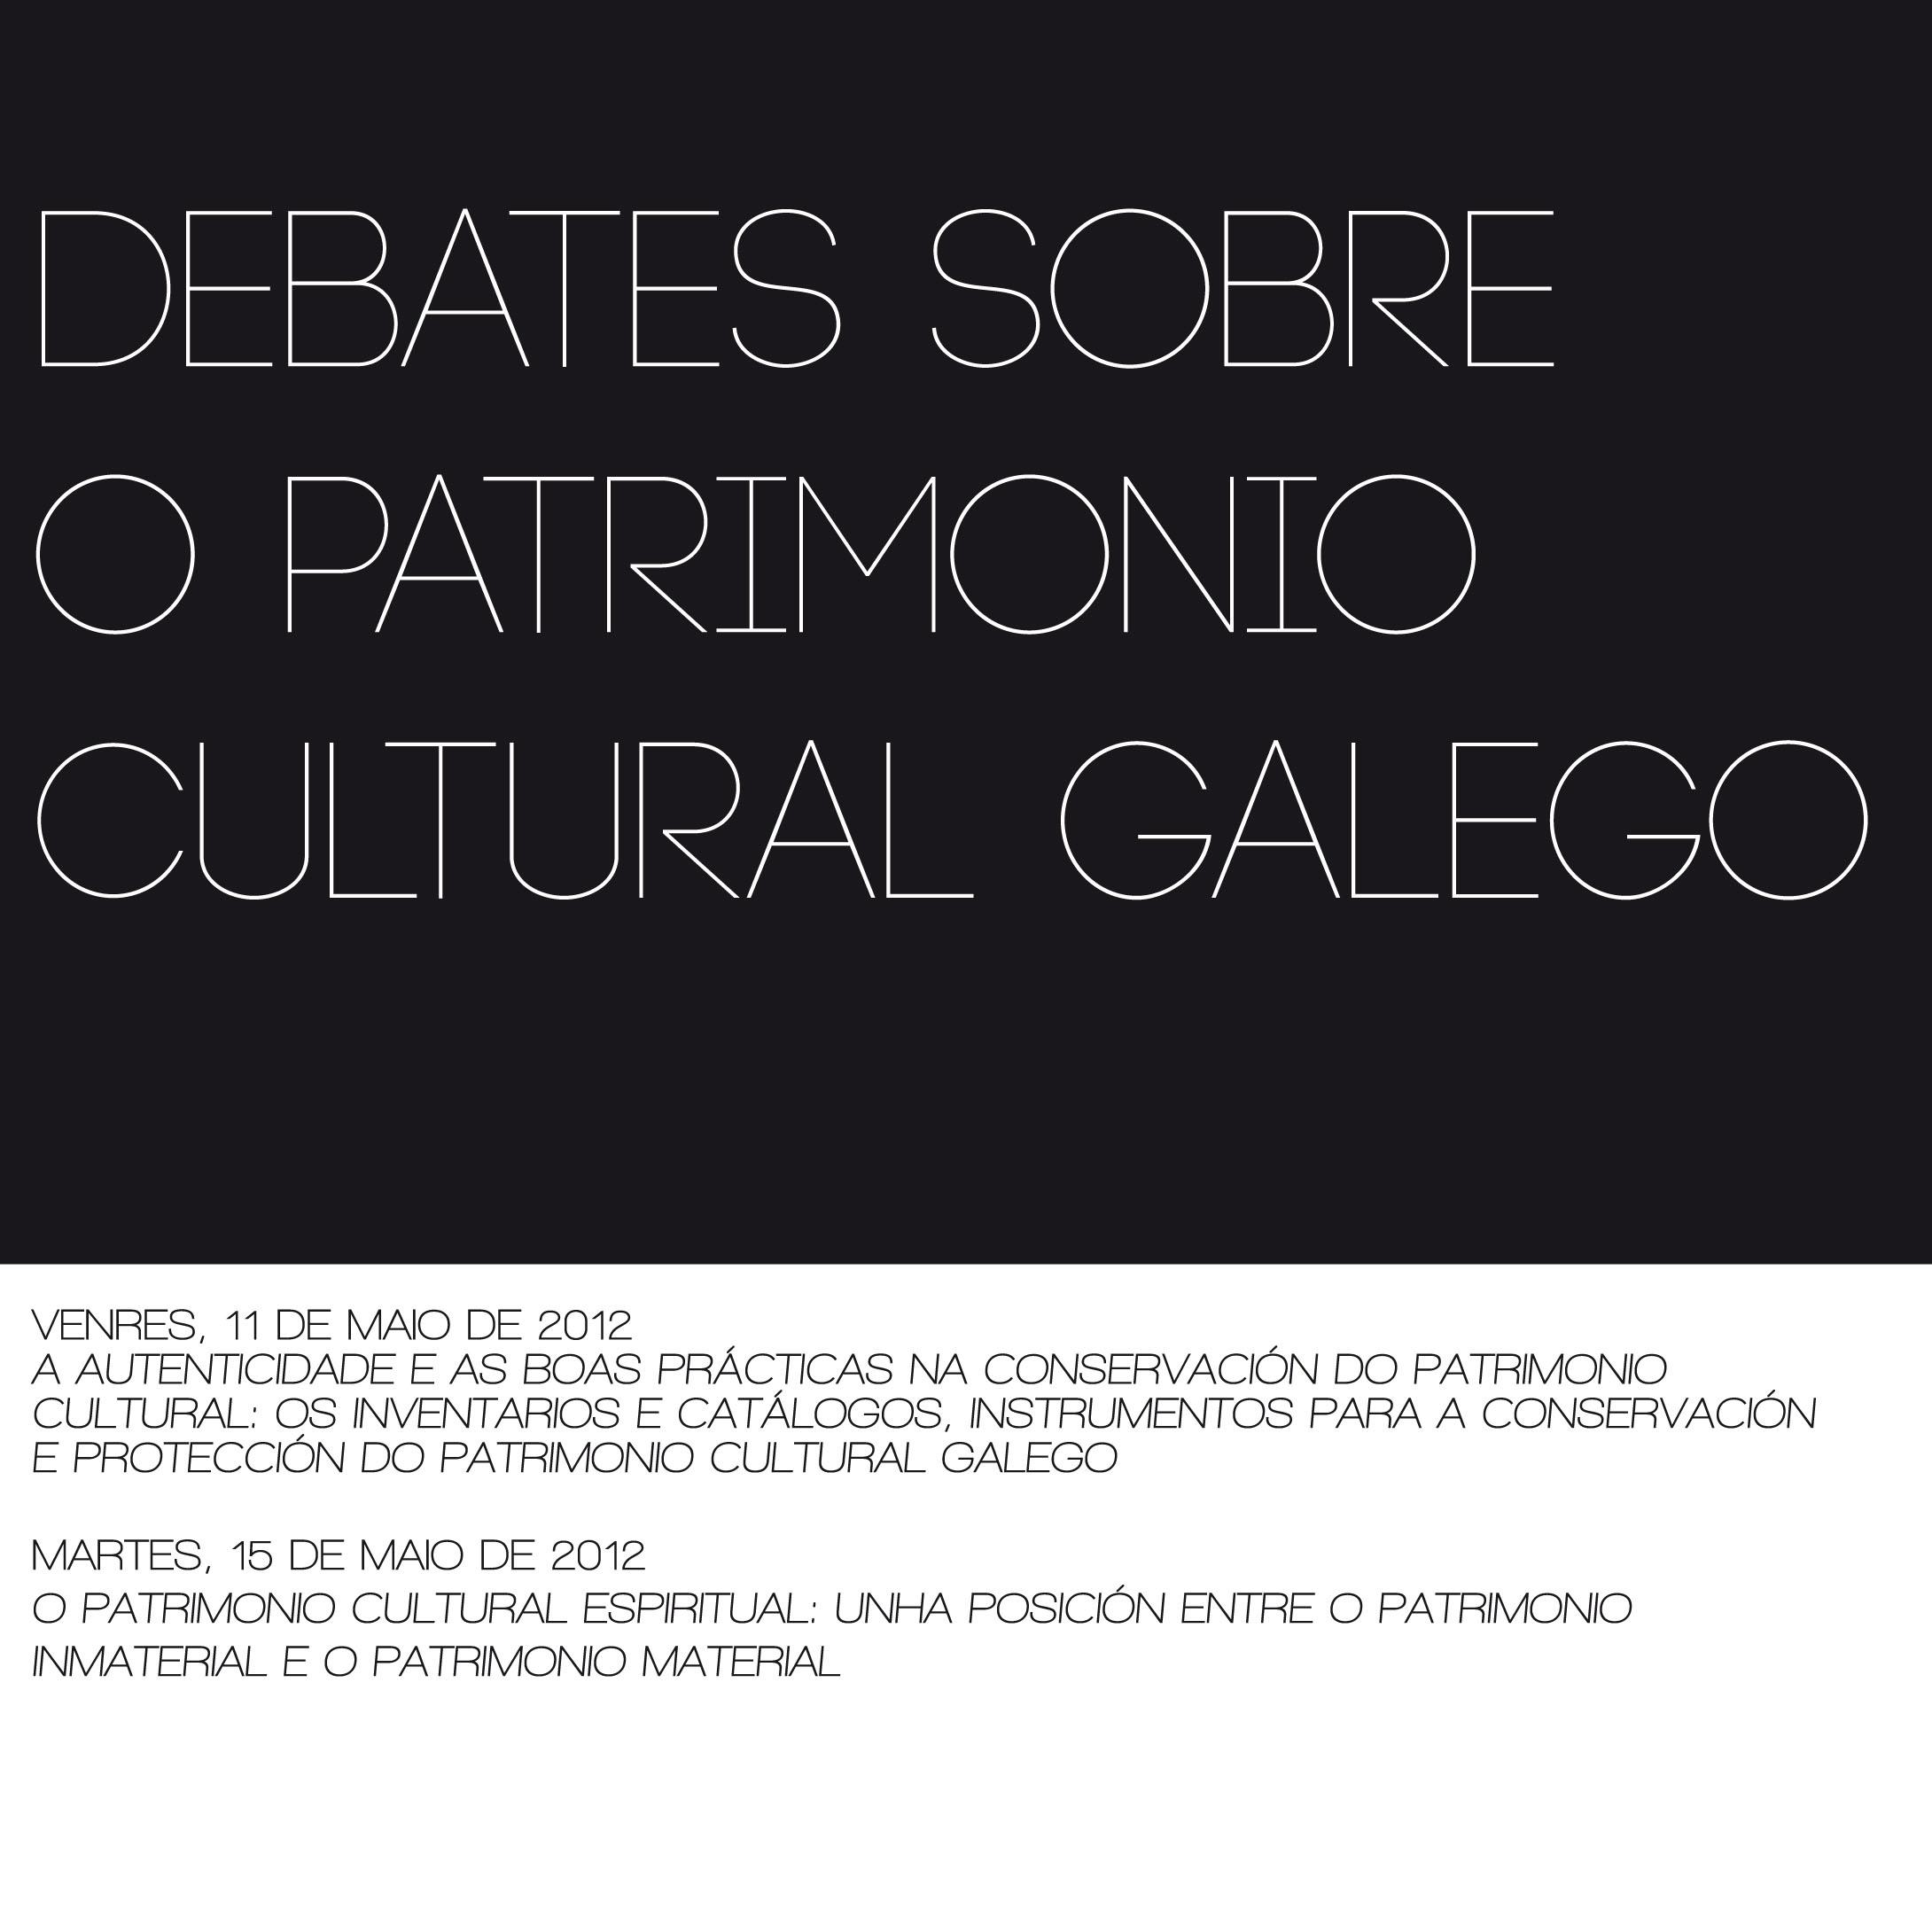 Debates sobre o patrimonio cultural galego